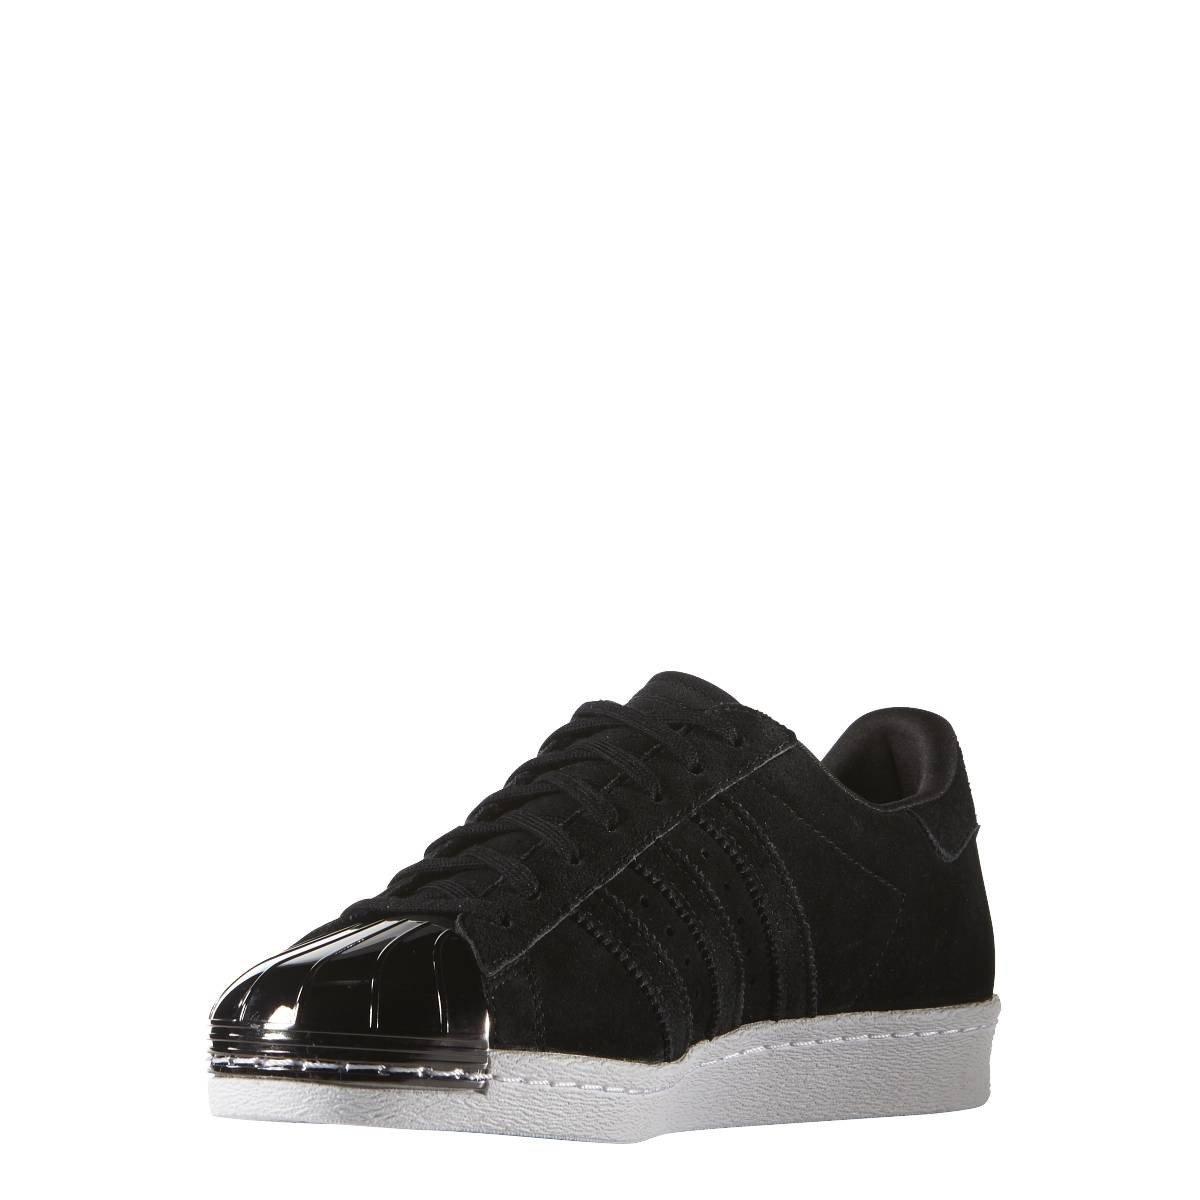 magasin d'usine 85227 4a3cd adidas Women's Women's Baskets Superstar 80s Metal Toe Noir ...